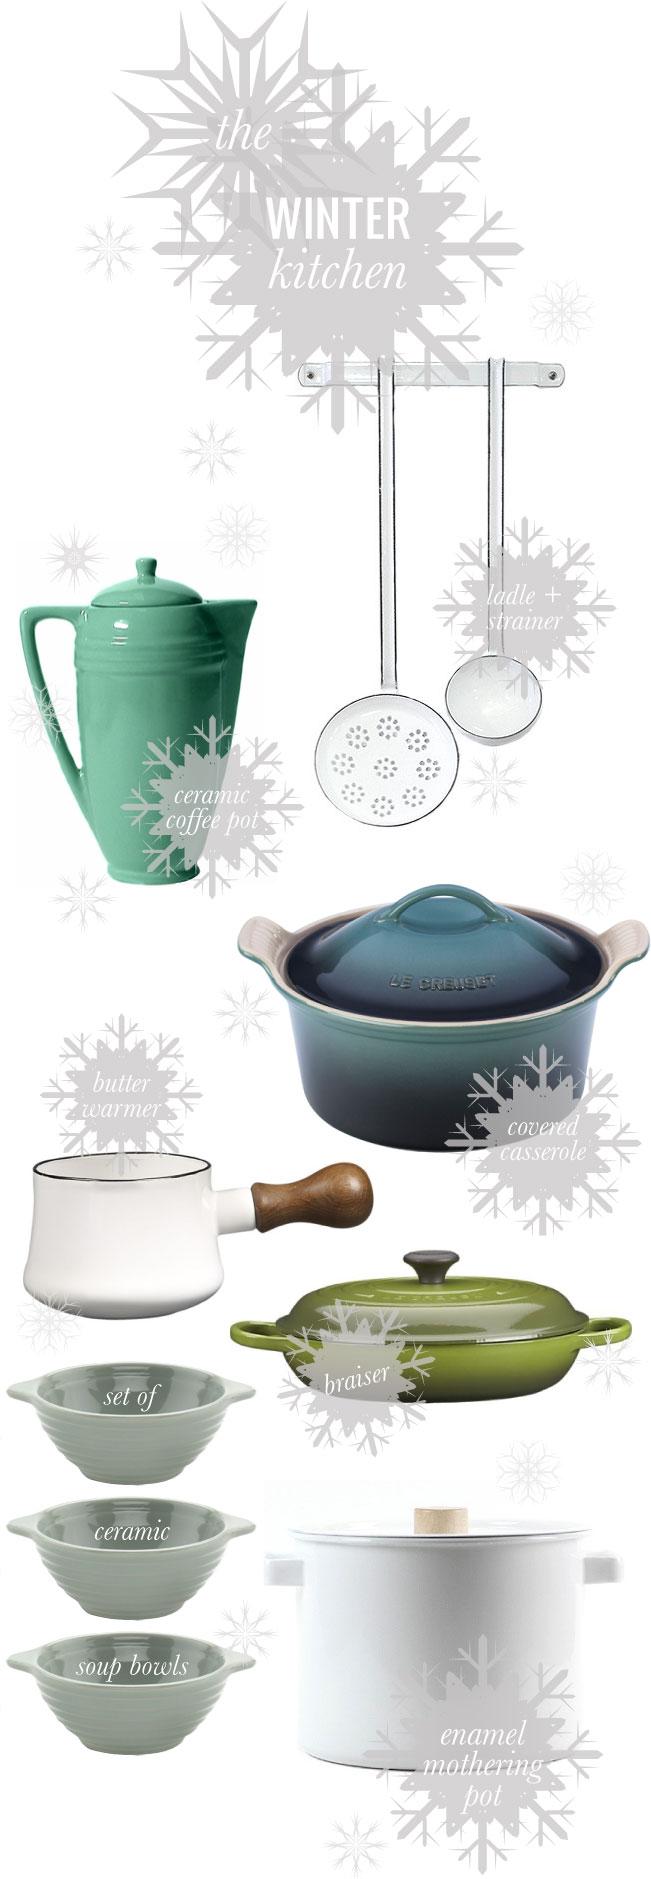 the-winter-kitchen.jpg